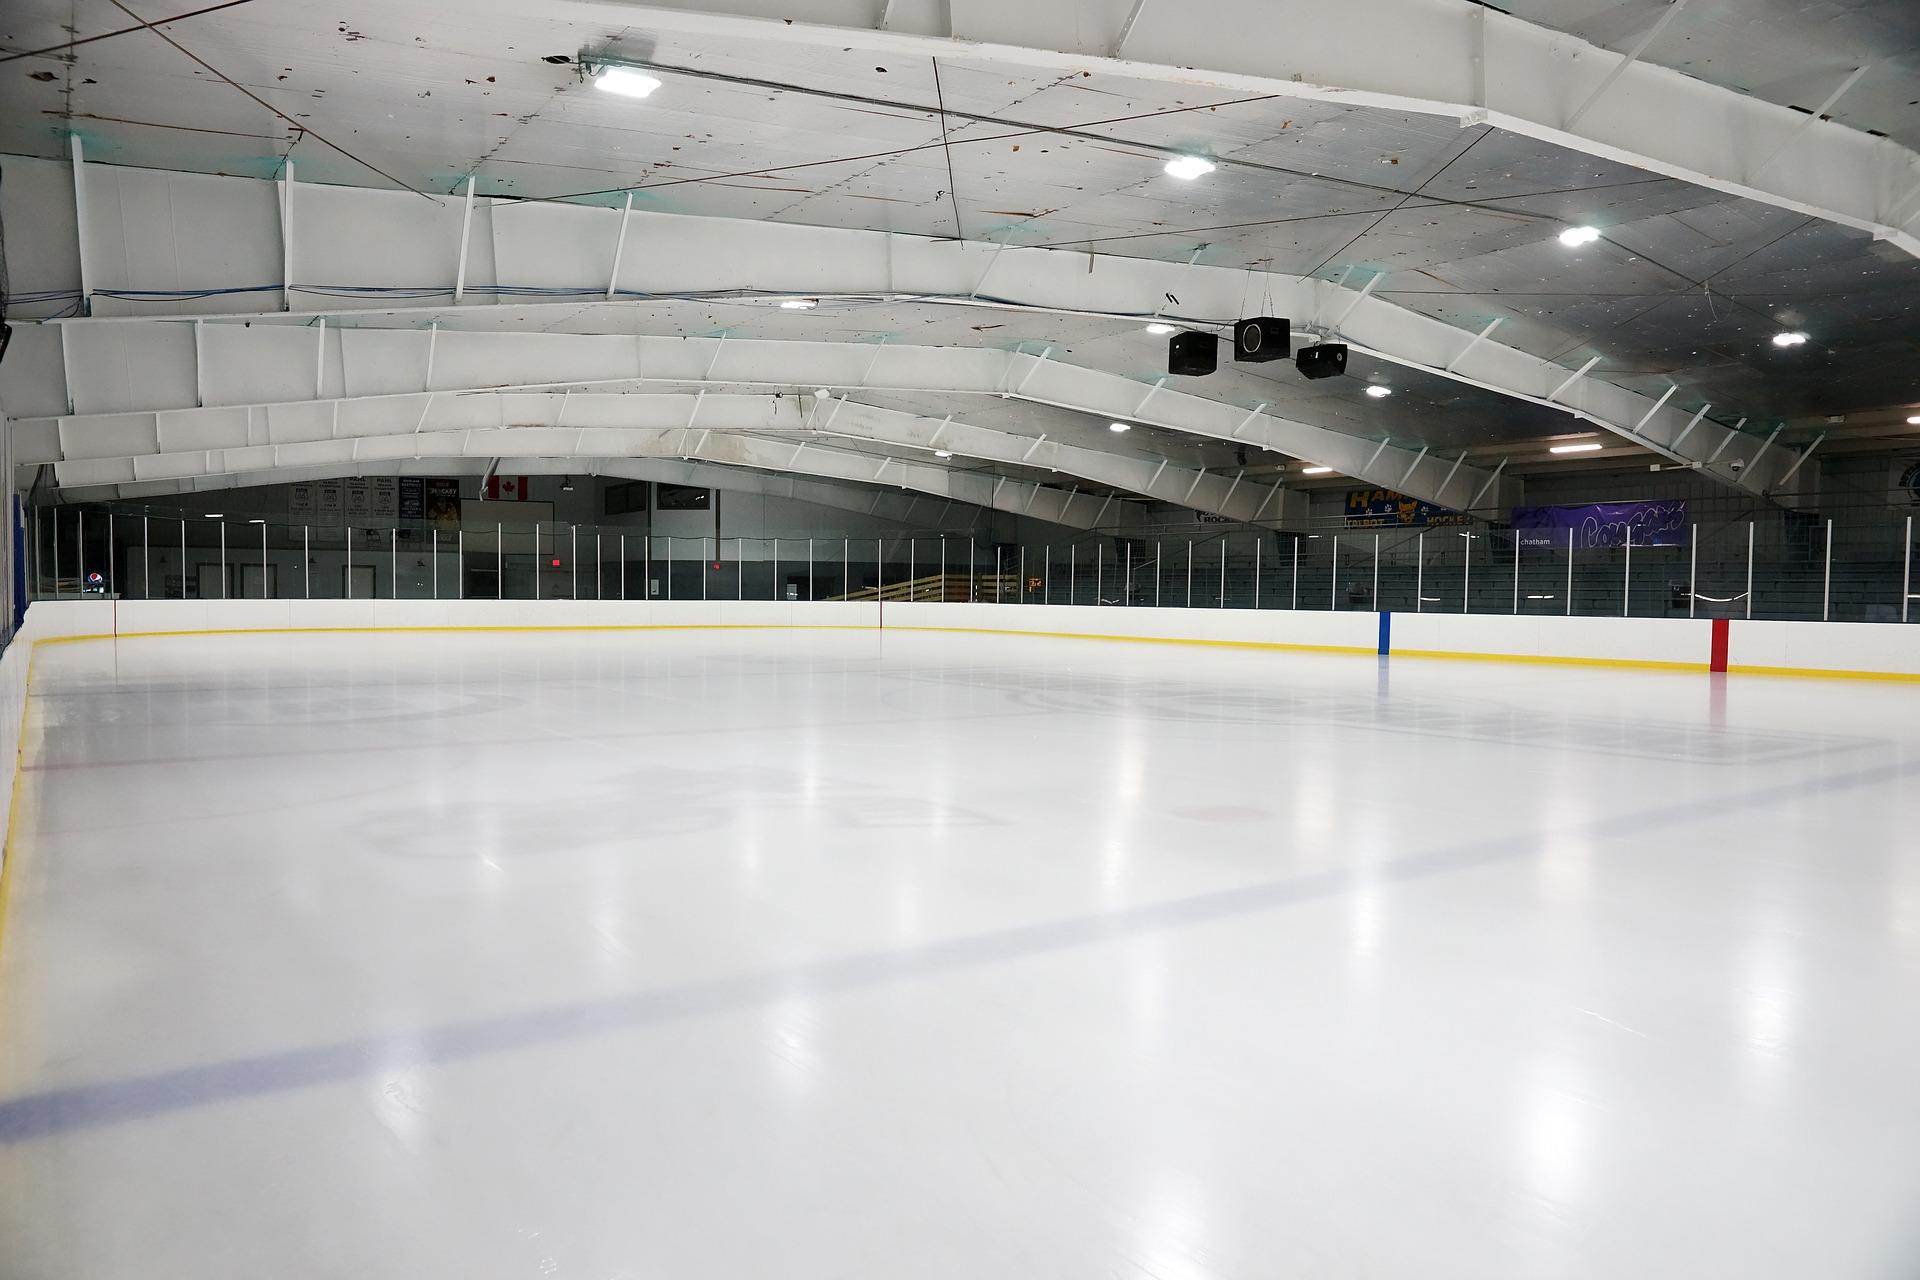 Zima, čas na hokej